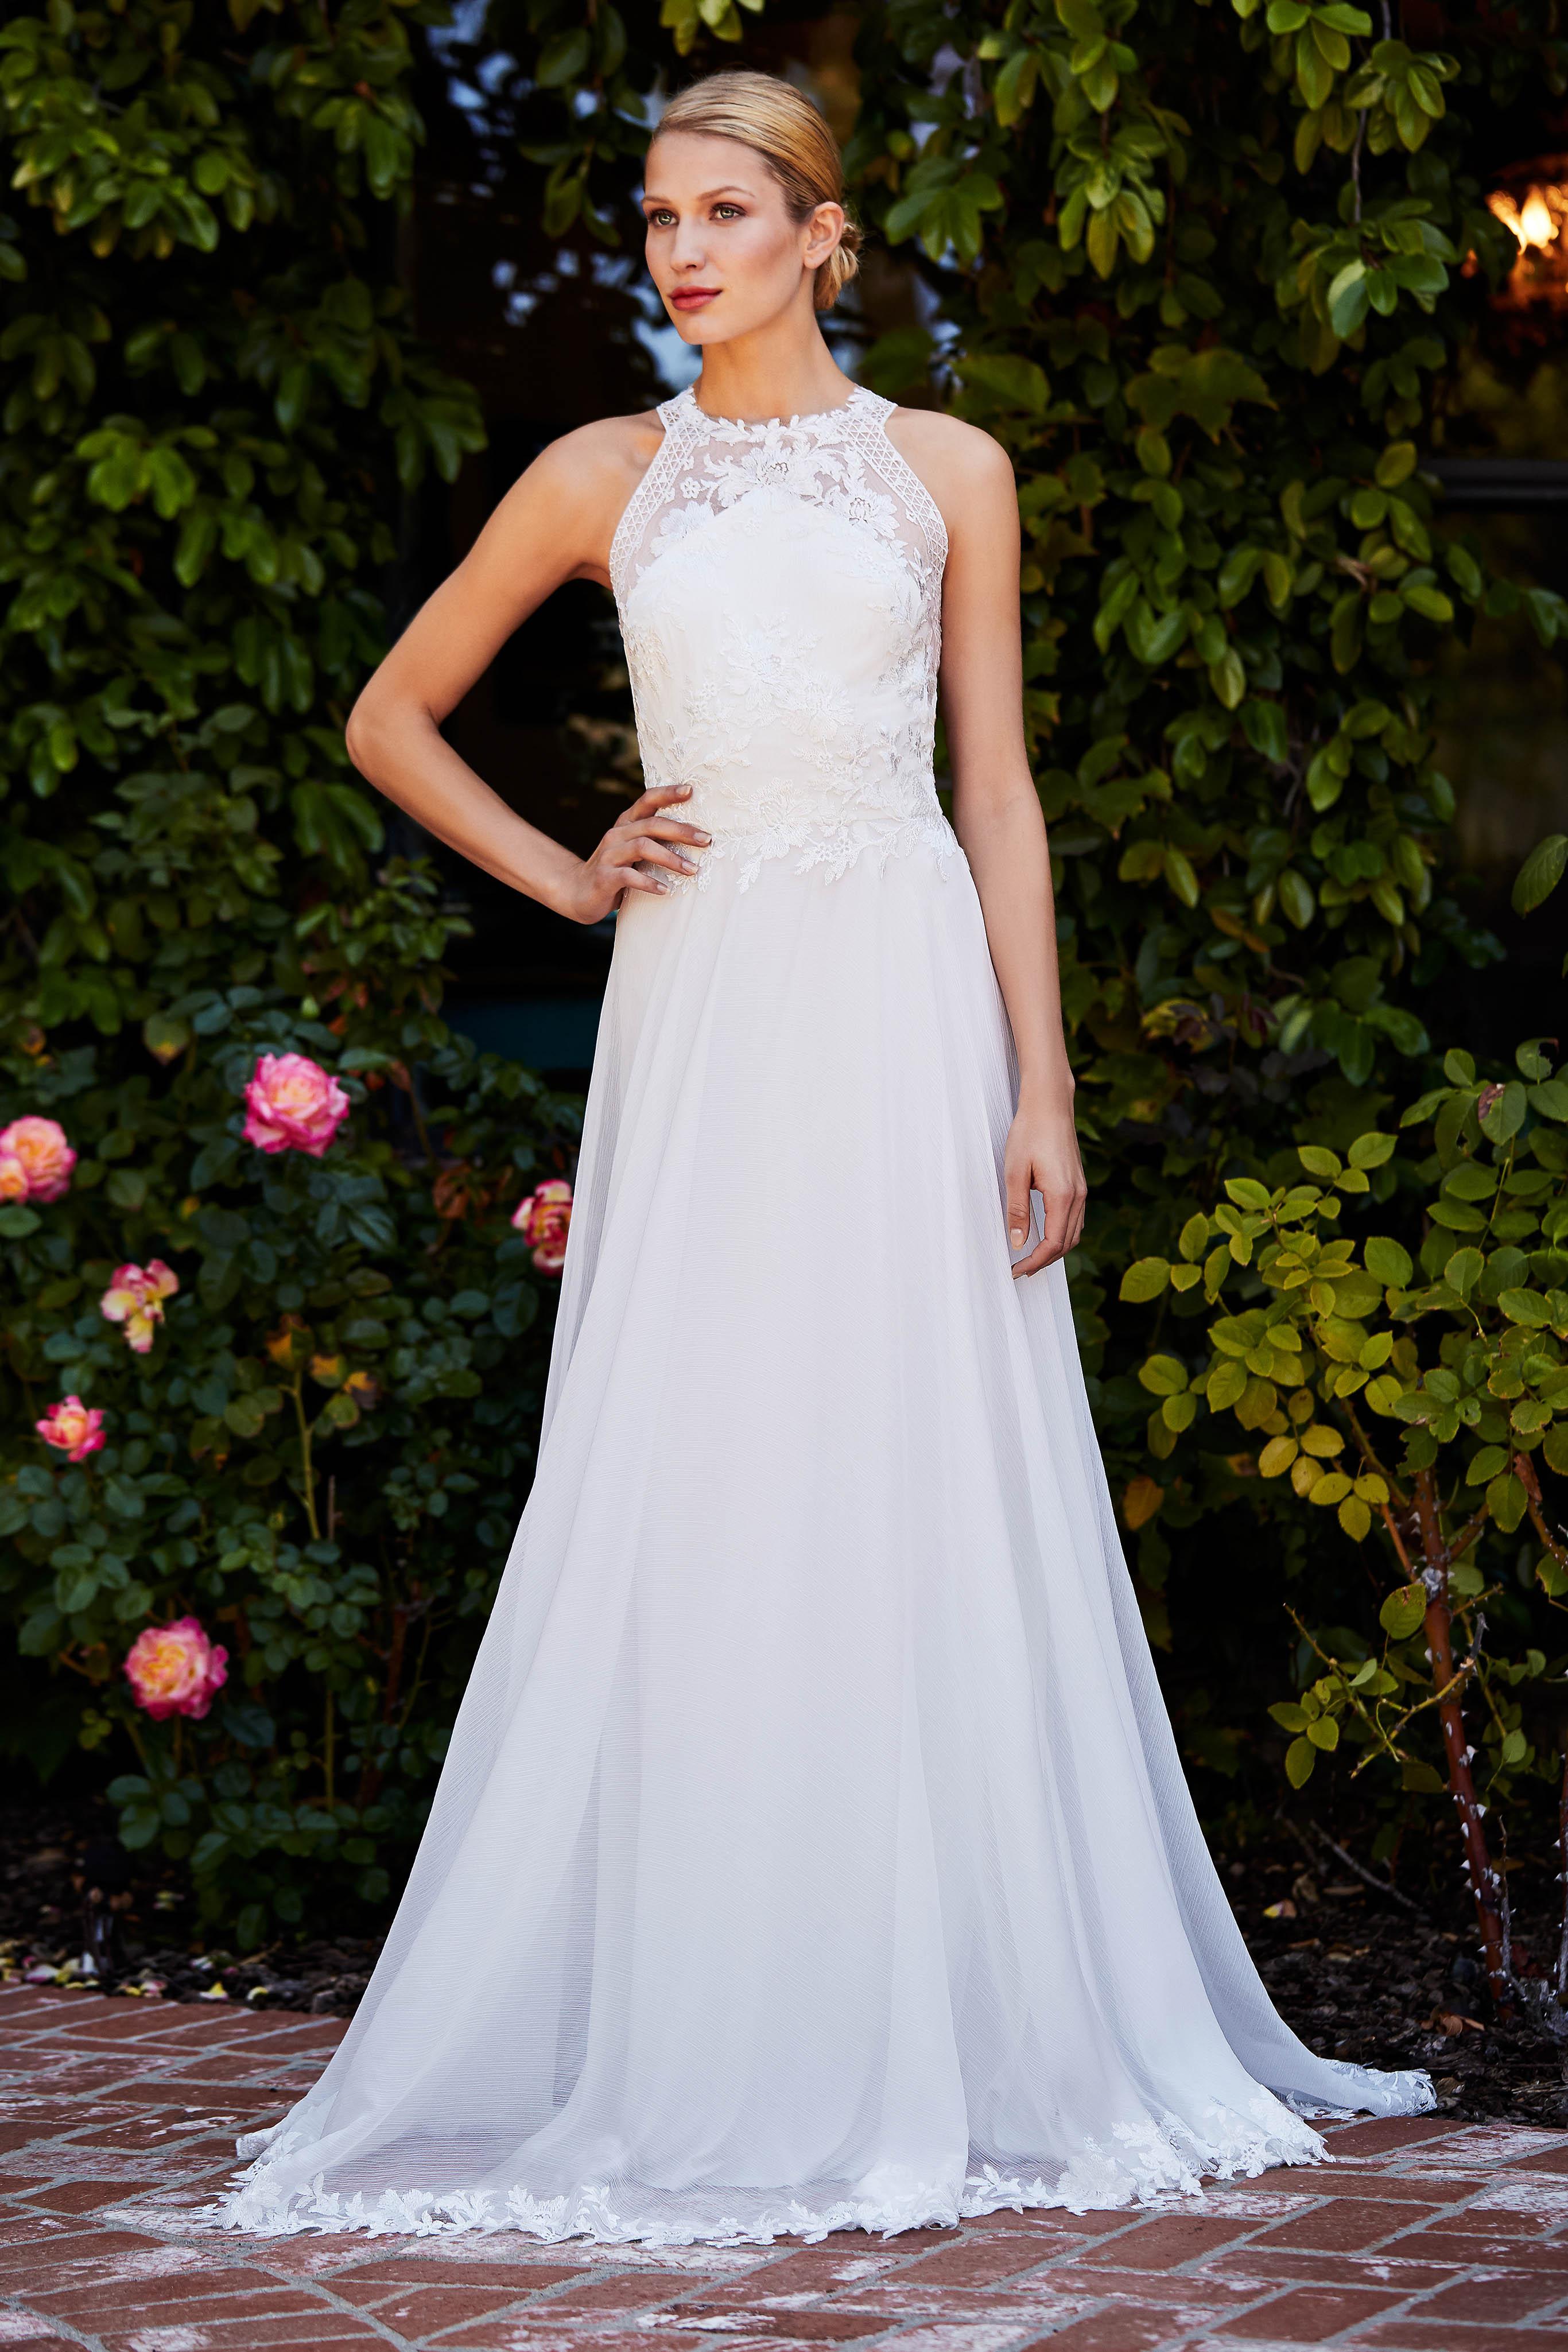 tadashi shoji wedding dress fall 2018 high neck a-line